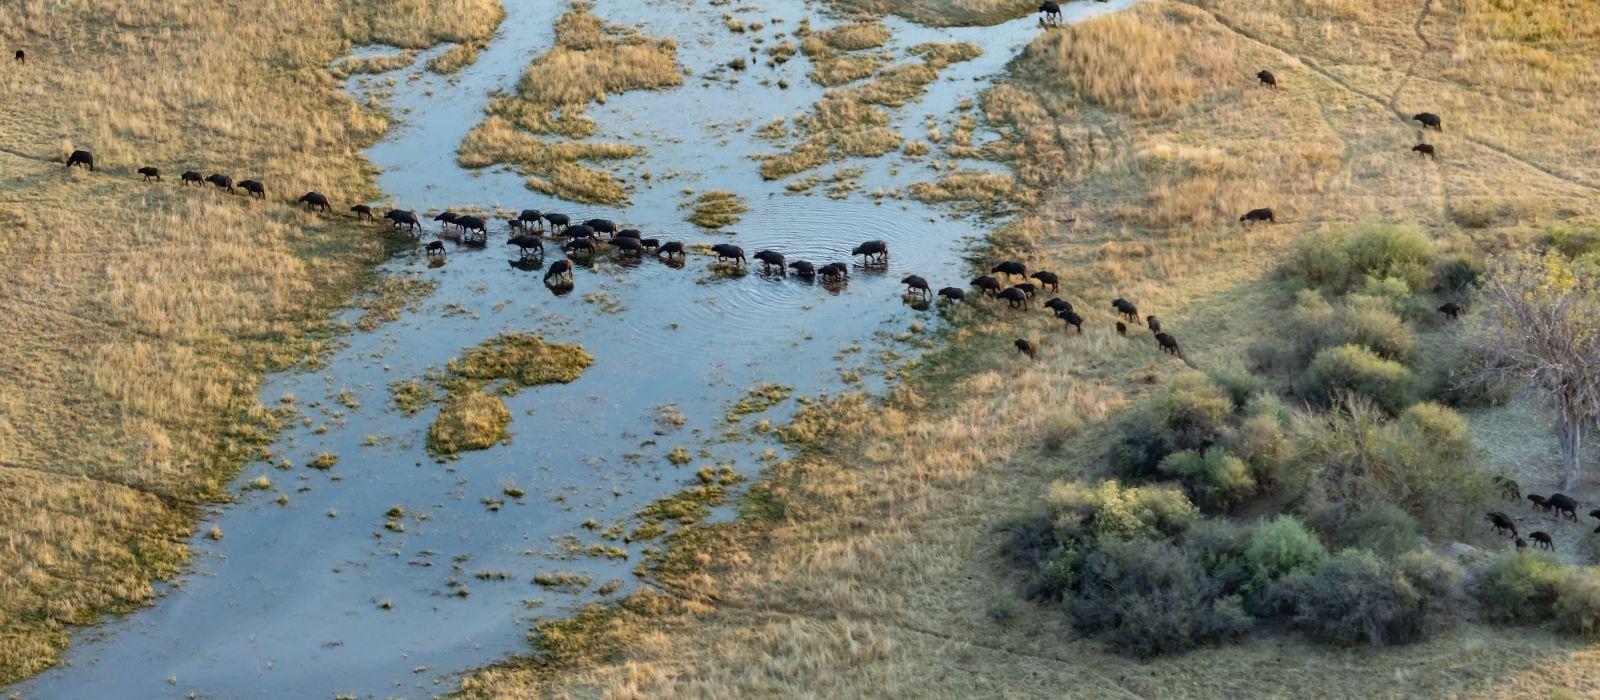 Aerial view of Okavango Delta in Botswana, Africafrica